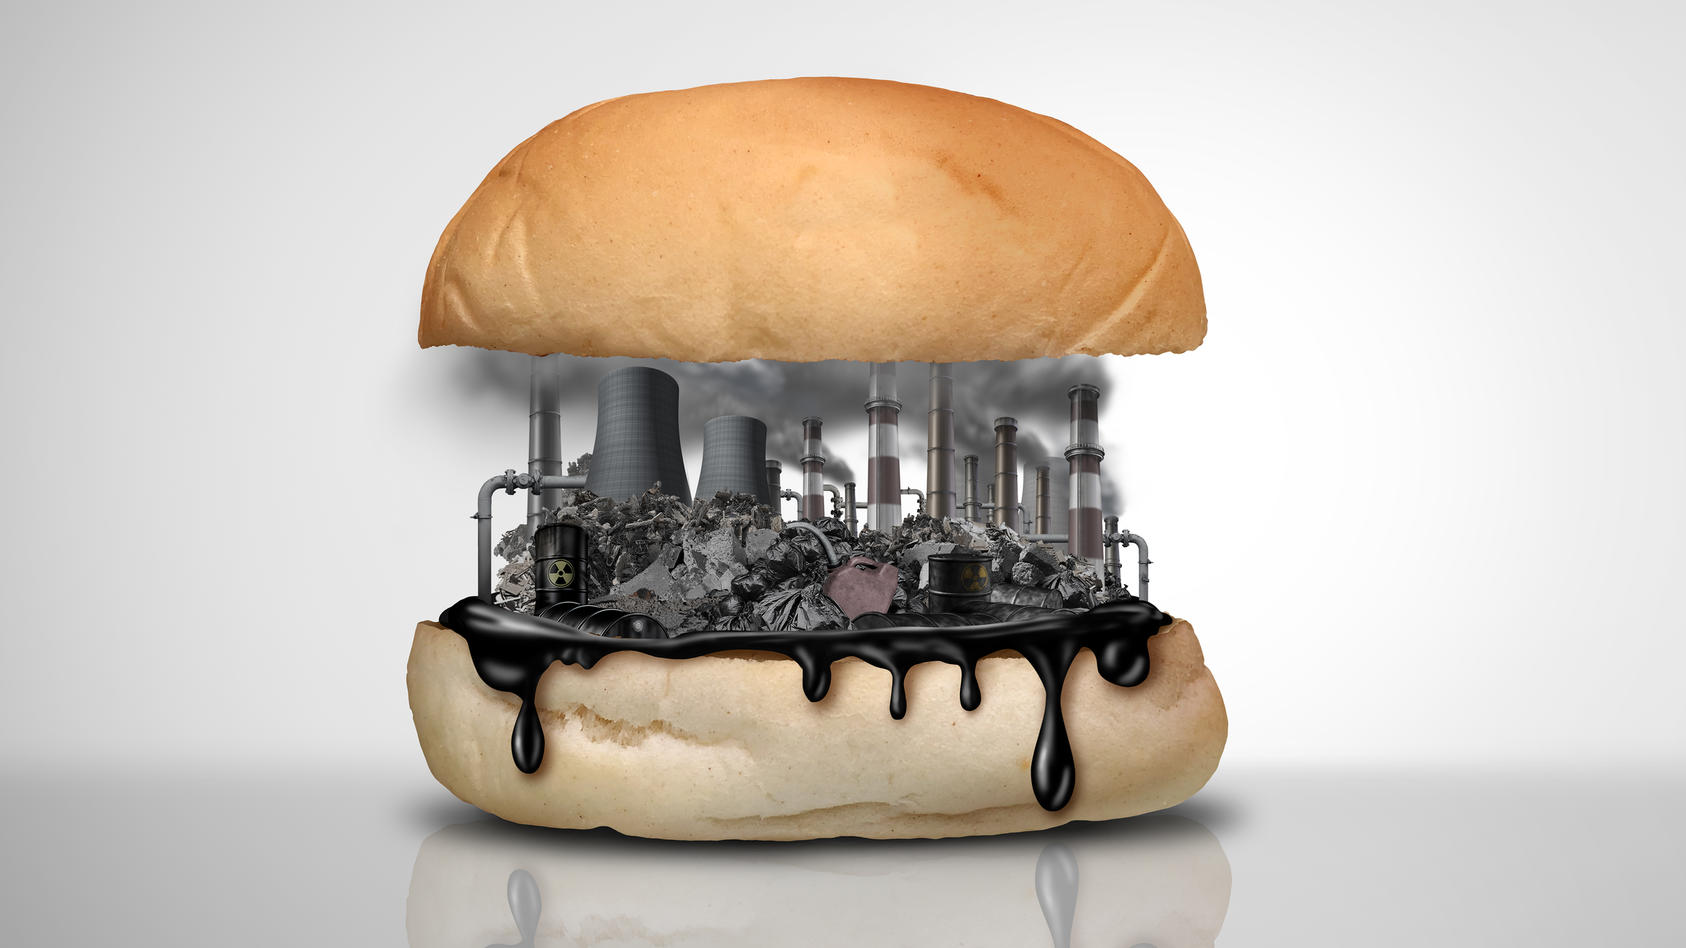 Viele Umweltgifte können sich auch in Lebensmitteln verstecken und langfristig zu Krebs führen.